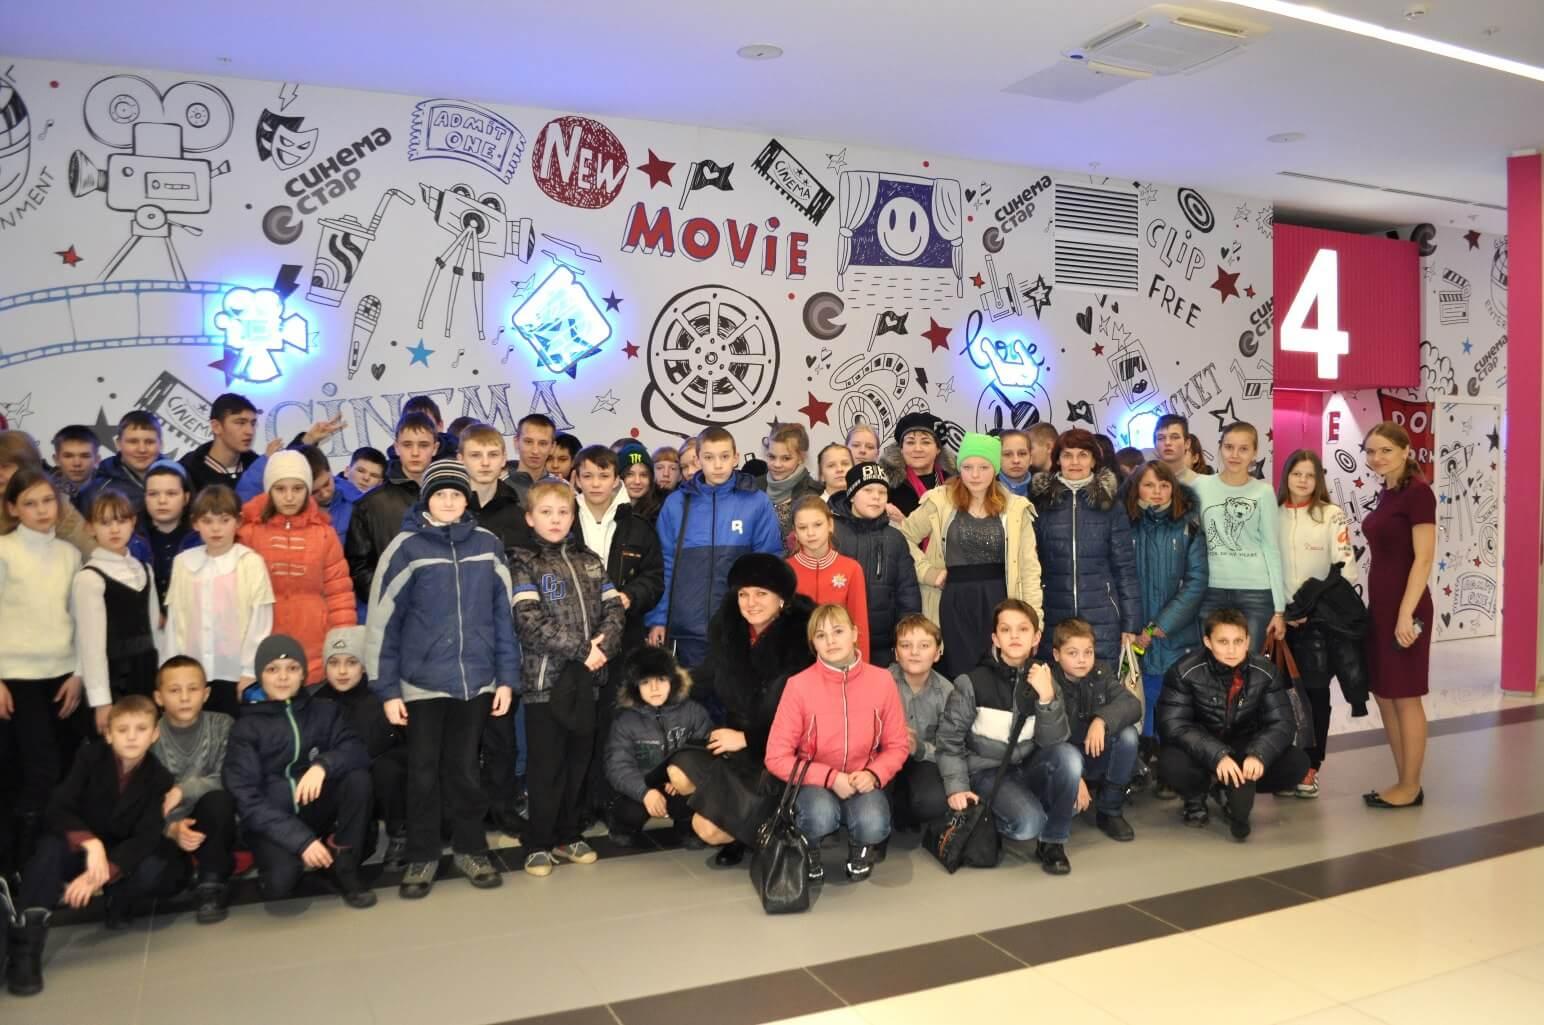 В Твери прошел бесплатный кинопоказ для детей из дома-интерната